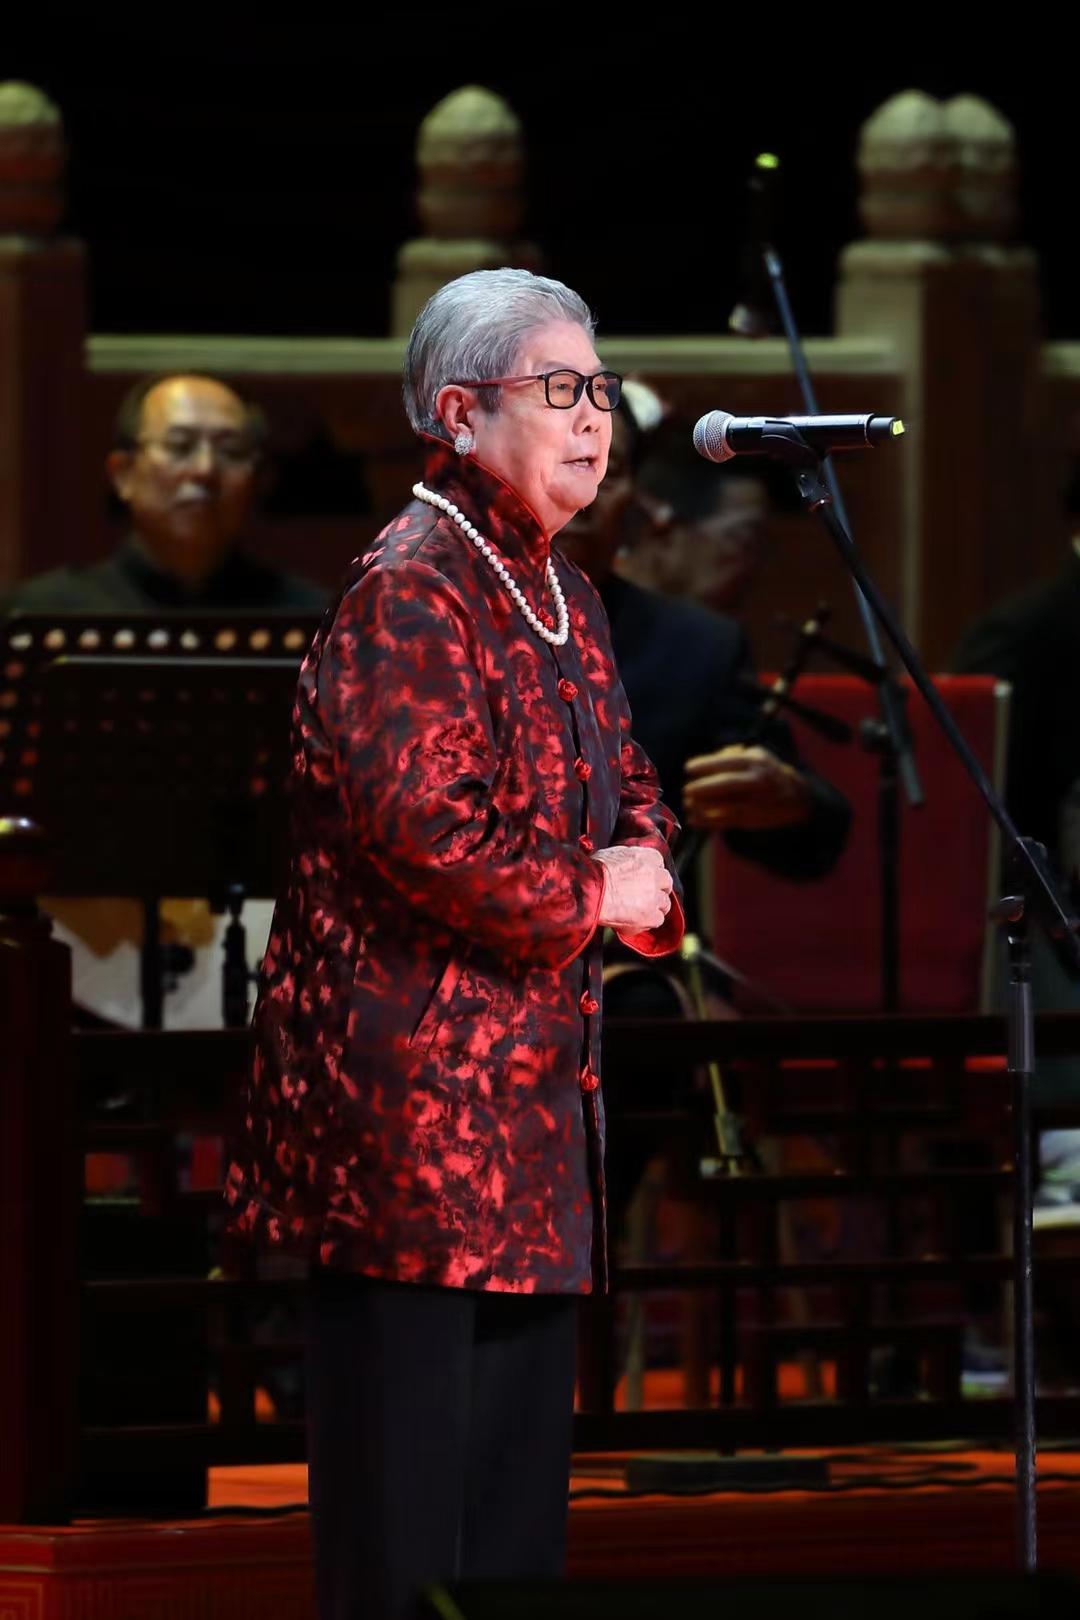 87岁著名老旦演出艺术家李鸣岩去世